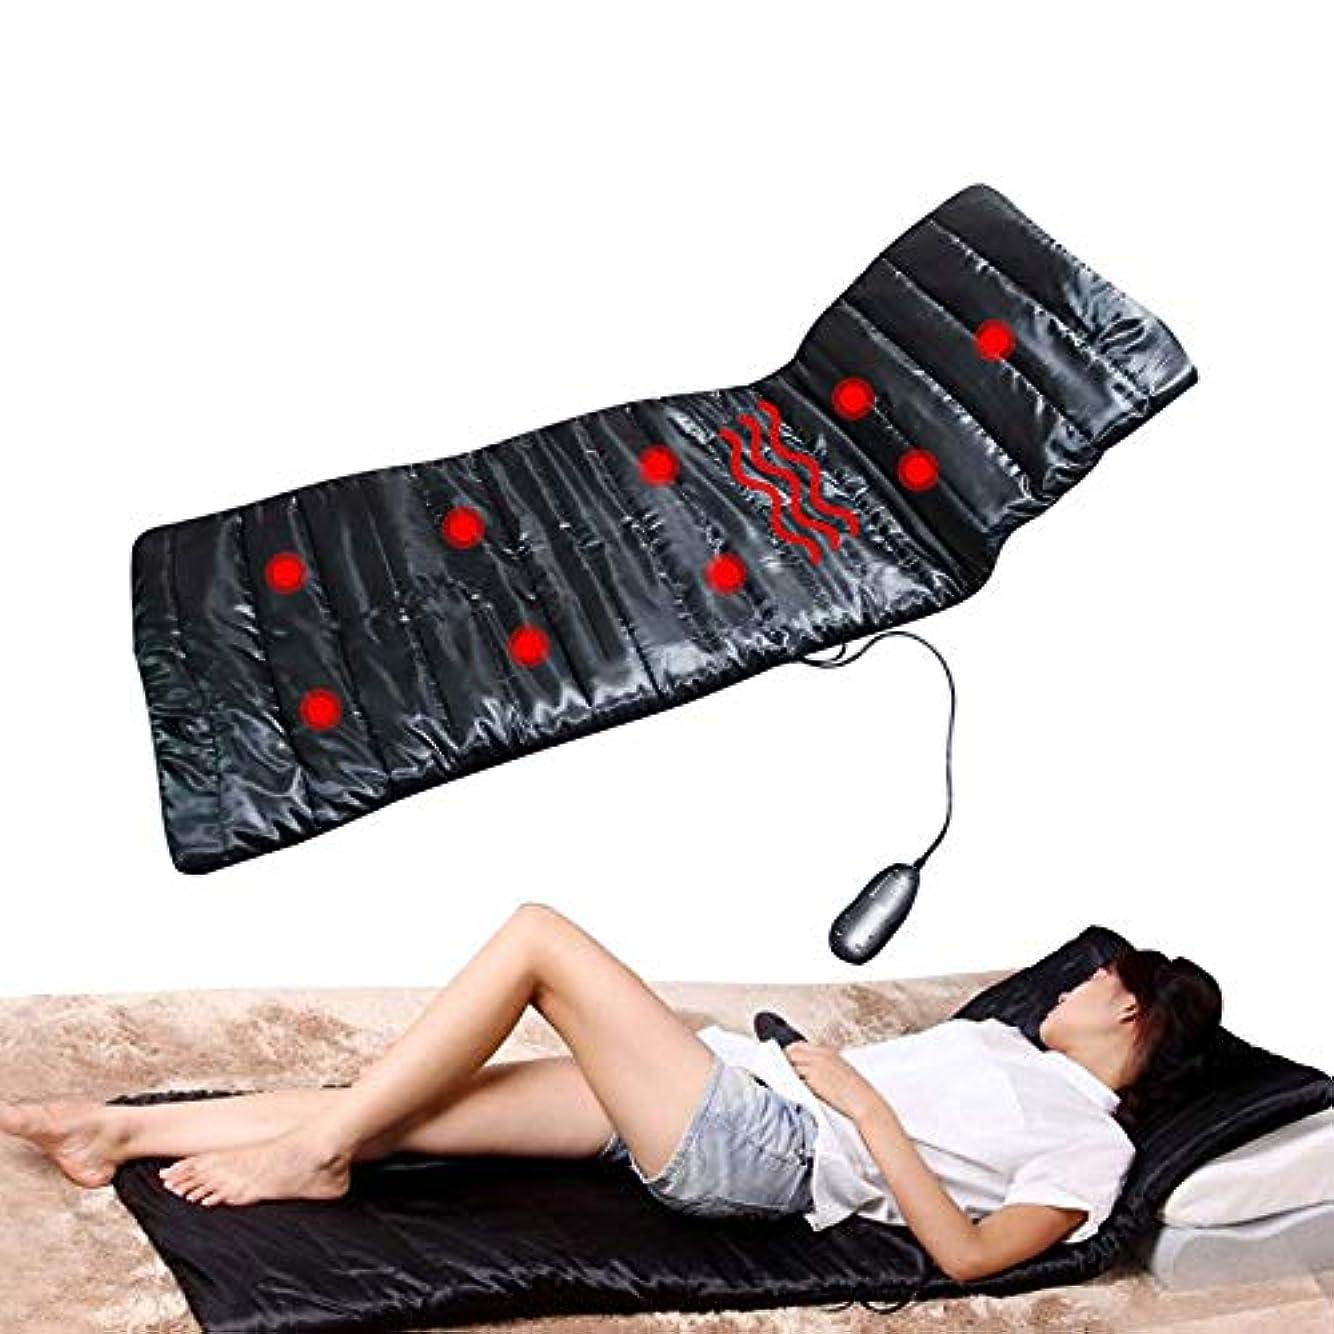 パーツスローガンの間でマッサージマットレス暖房振動マッサージスナイパー羽ばたき体の痛みボディマッサージネックバックウエストレッグマッサージ